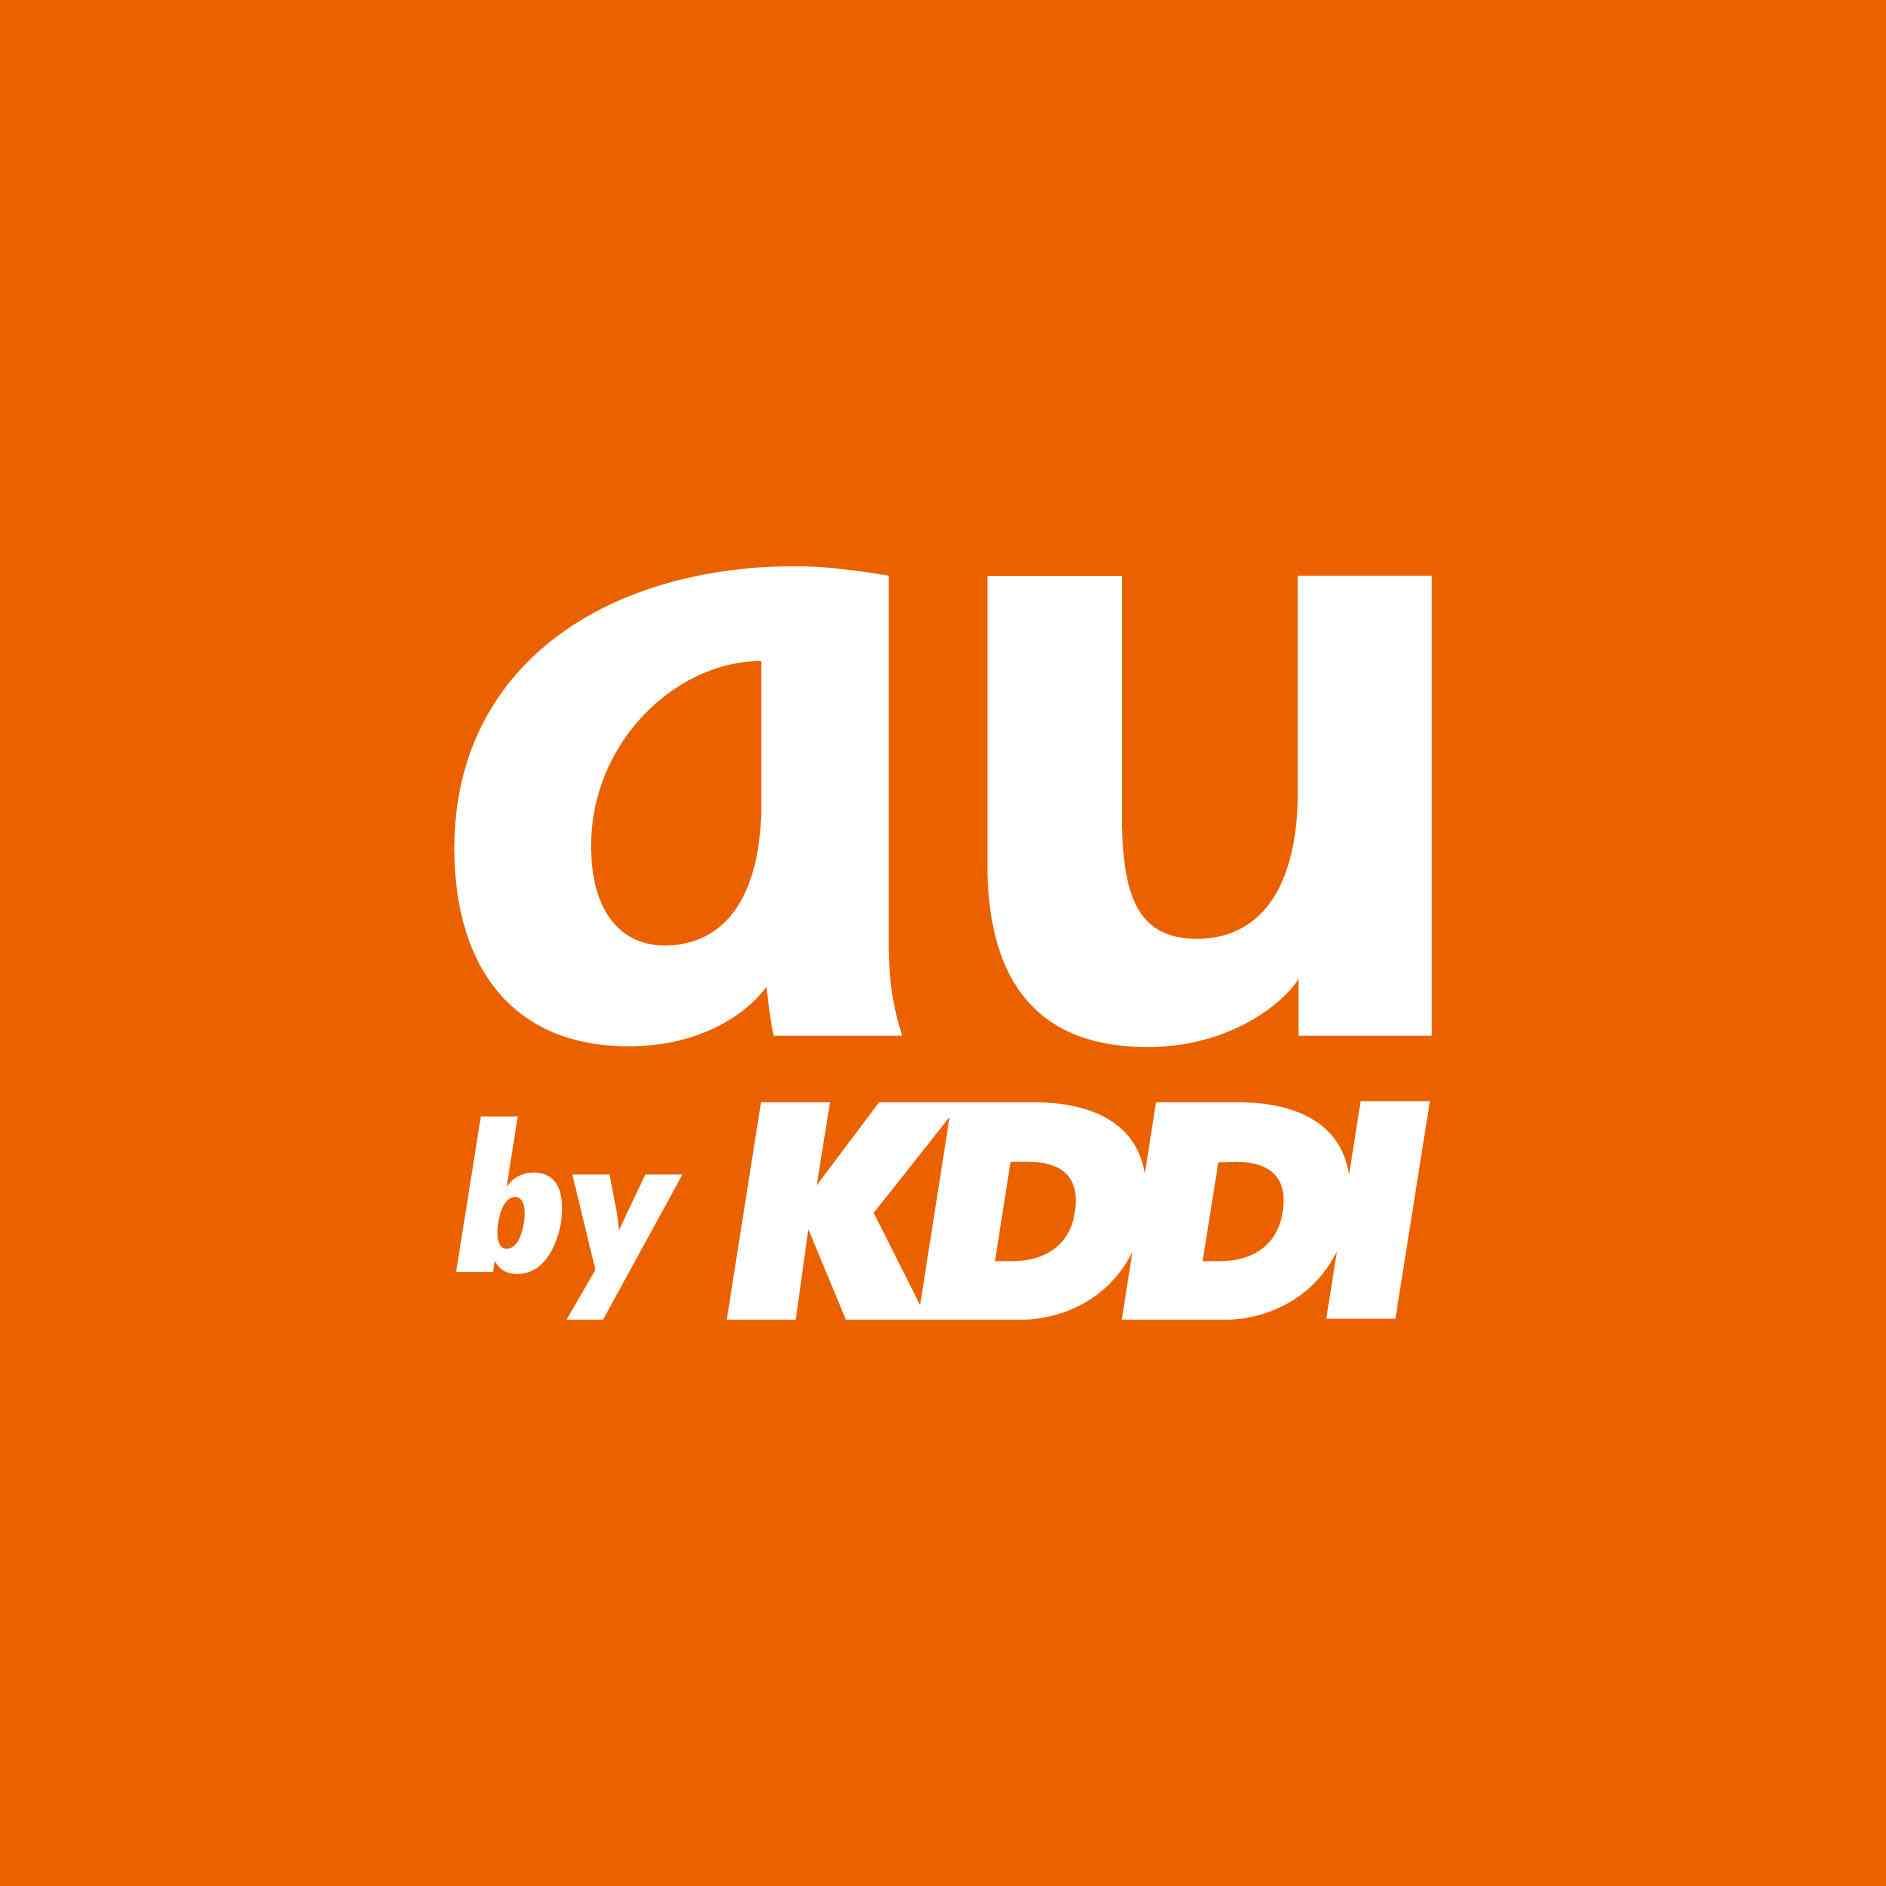 明日発表されるKDDI(au)の通話定額プラン詳細判明、個人でも契約しやすい内容に